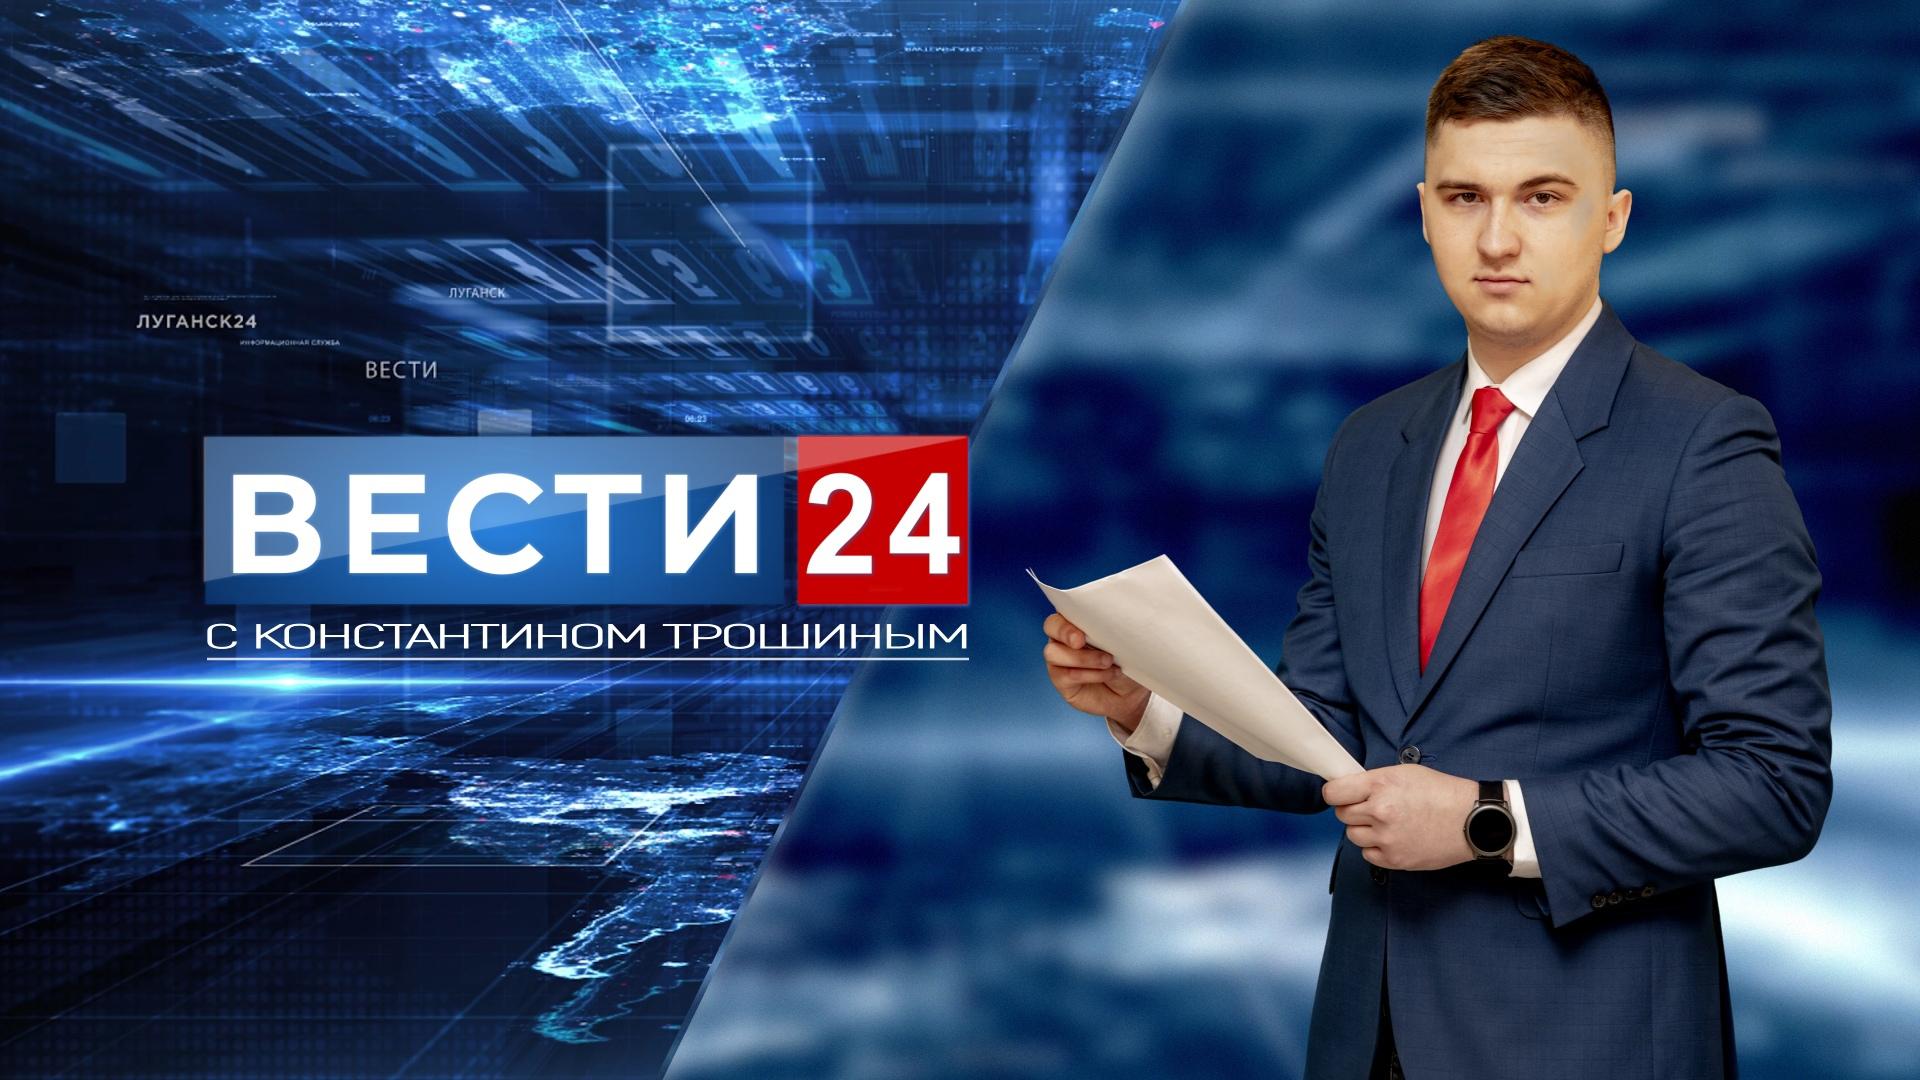 ГТРК ЛНР. Вести. 29 июля 2021 г. 3:30